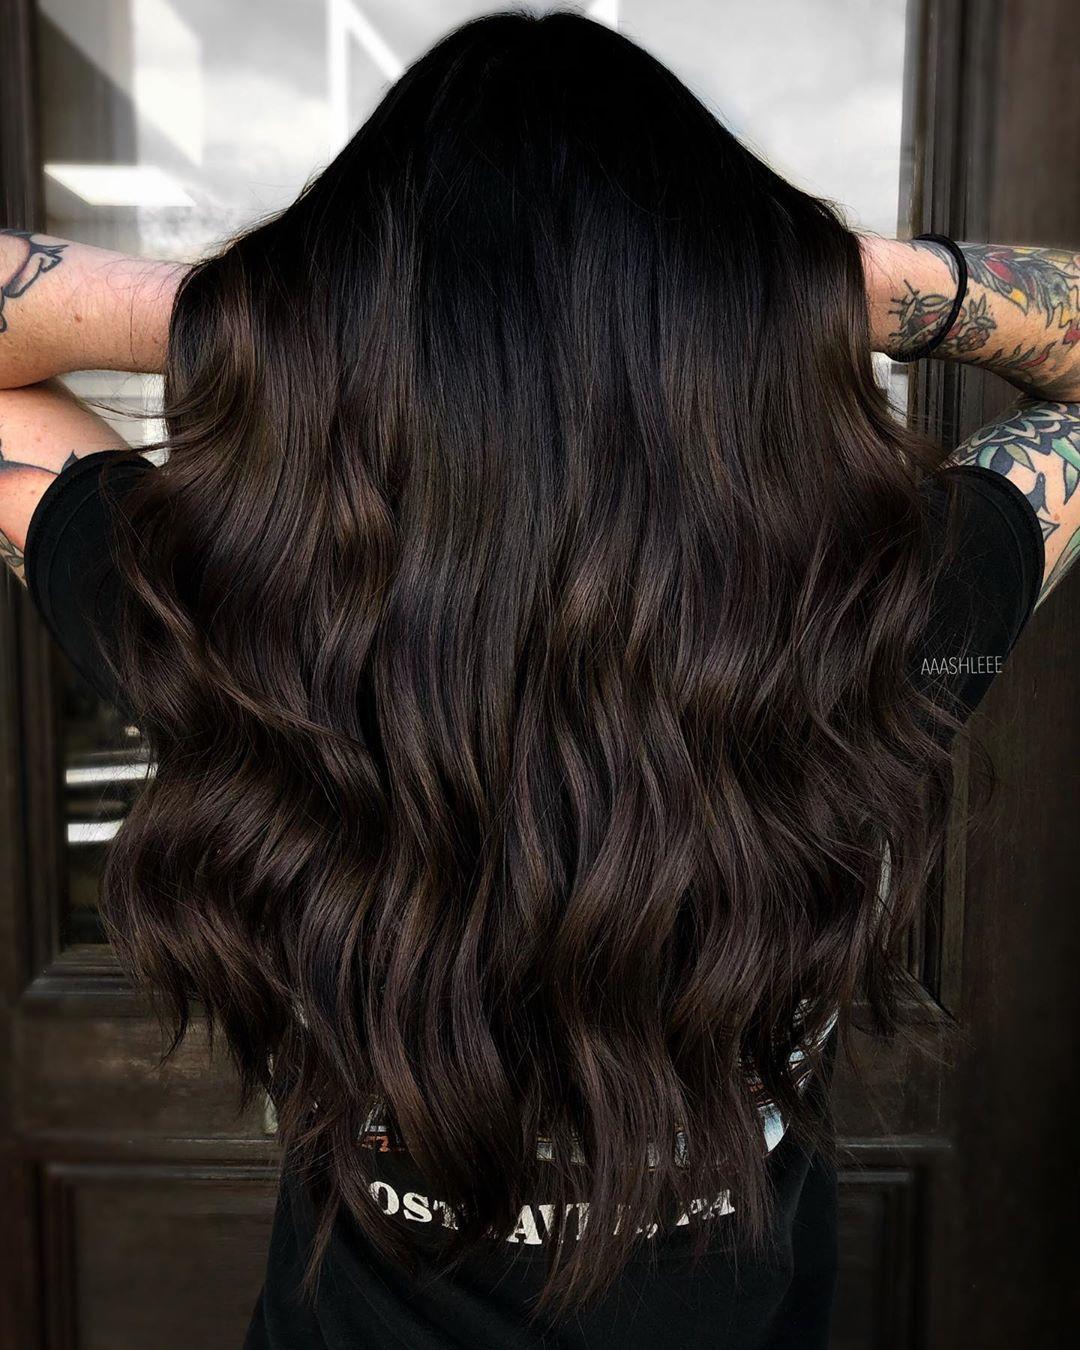 Mit haare braunen strähnen schwarz Braune Strähnchen